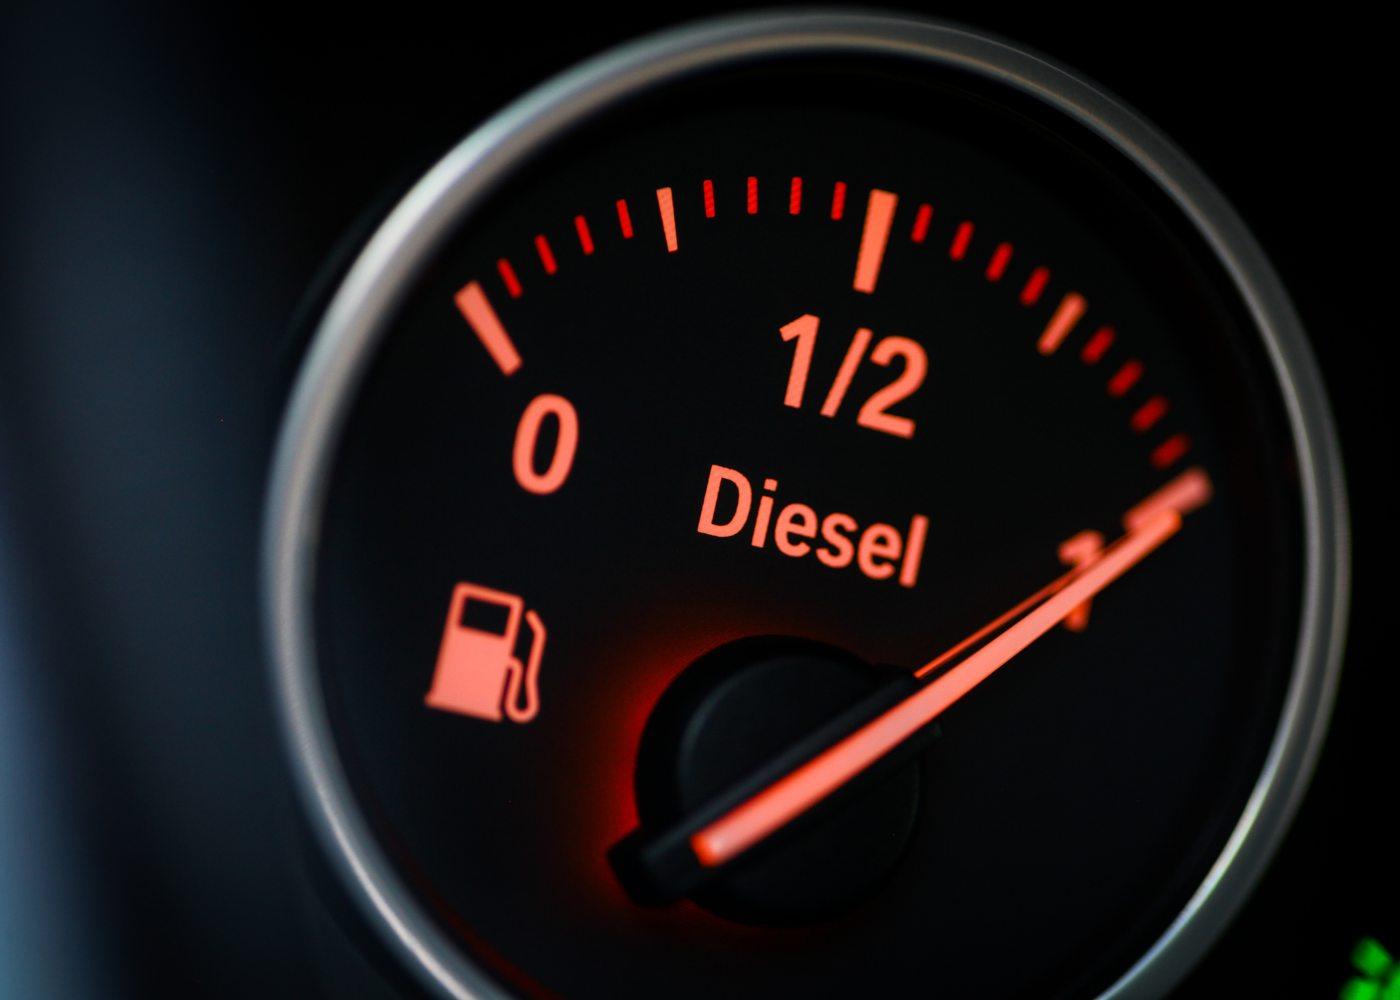 mostrador diesel para ilustrar um dos problemas mais comuns nos carros diesel